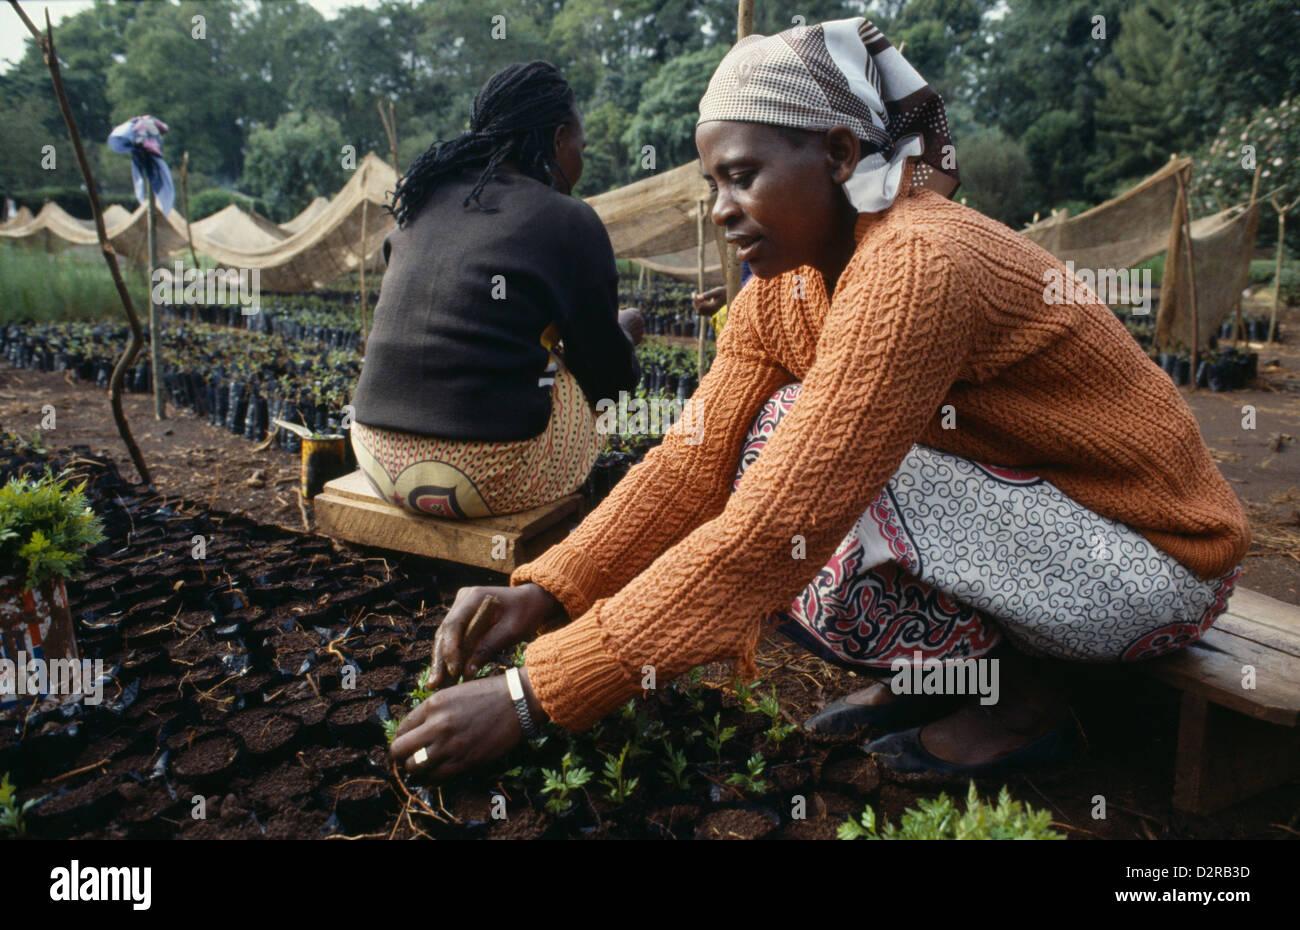 Kenya, Africa Orientale, Meru, donne piantare le piantine in un vivaio per progetto di rimboschimento. Immagini Stock